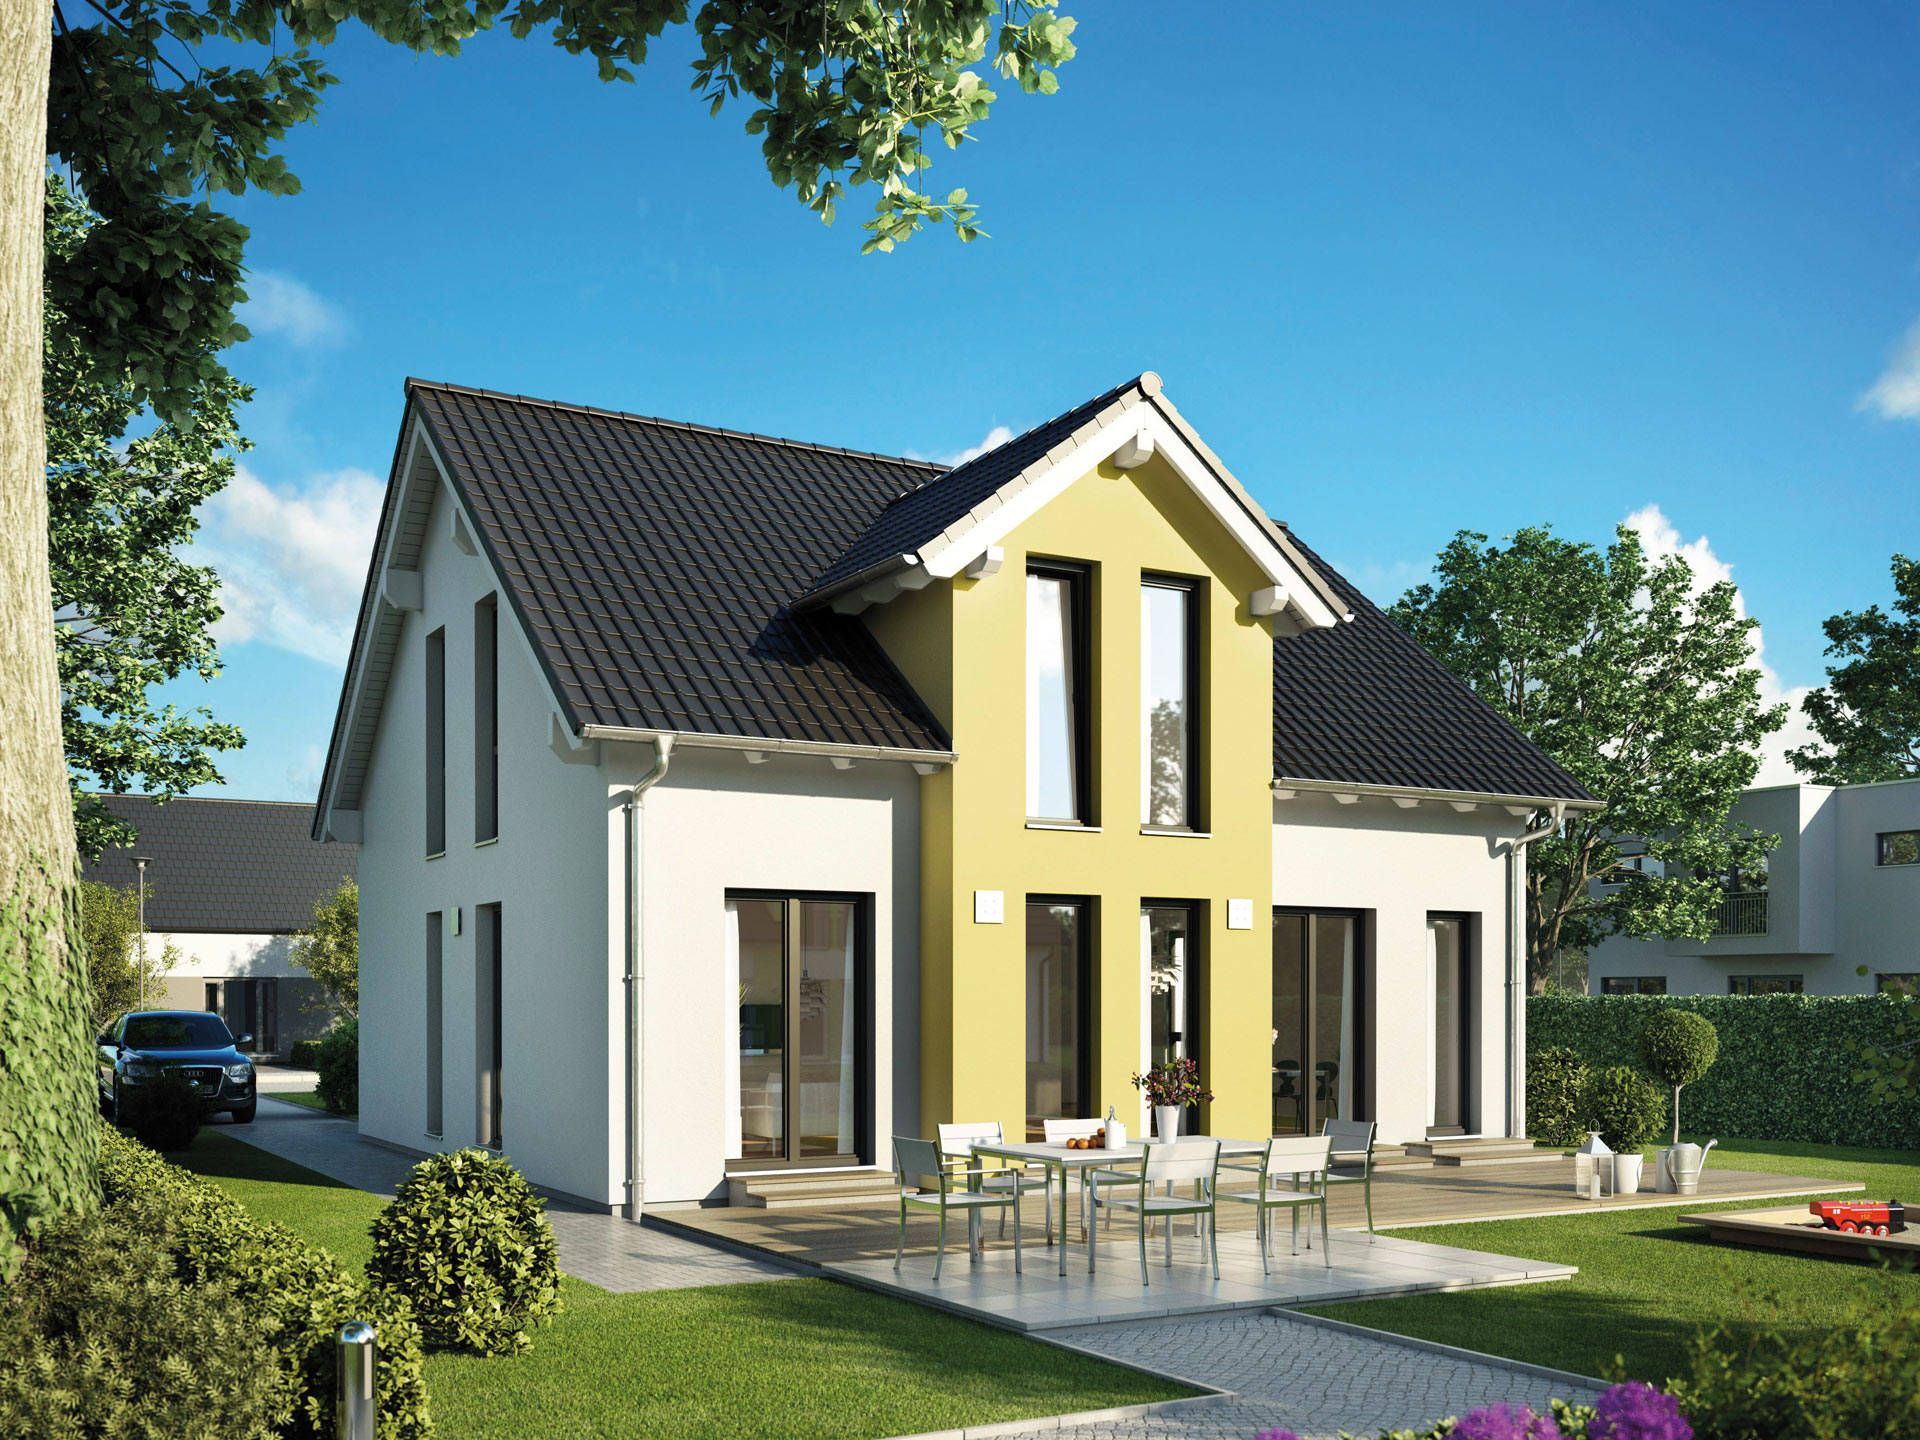 Einfamilienhaus Concept 11 • Energiesparhaus von Ein